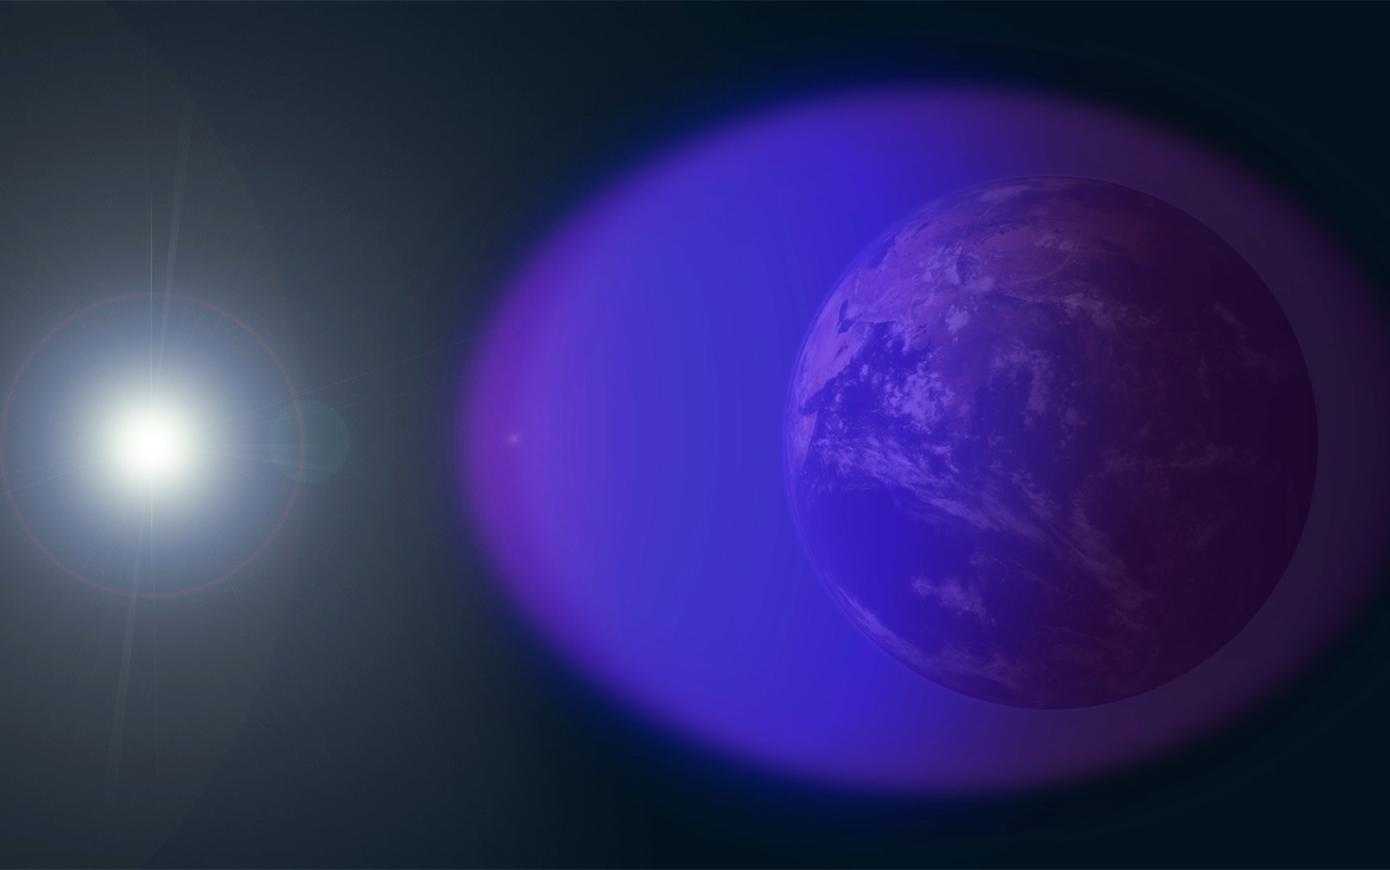 Модели ионосферы Земли скорректировали по данным приемников сигналов спутников навигации